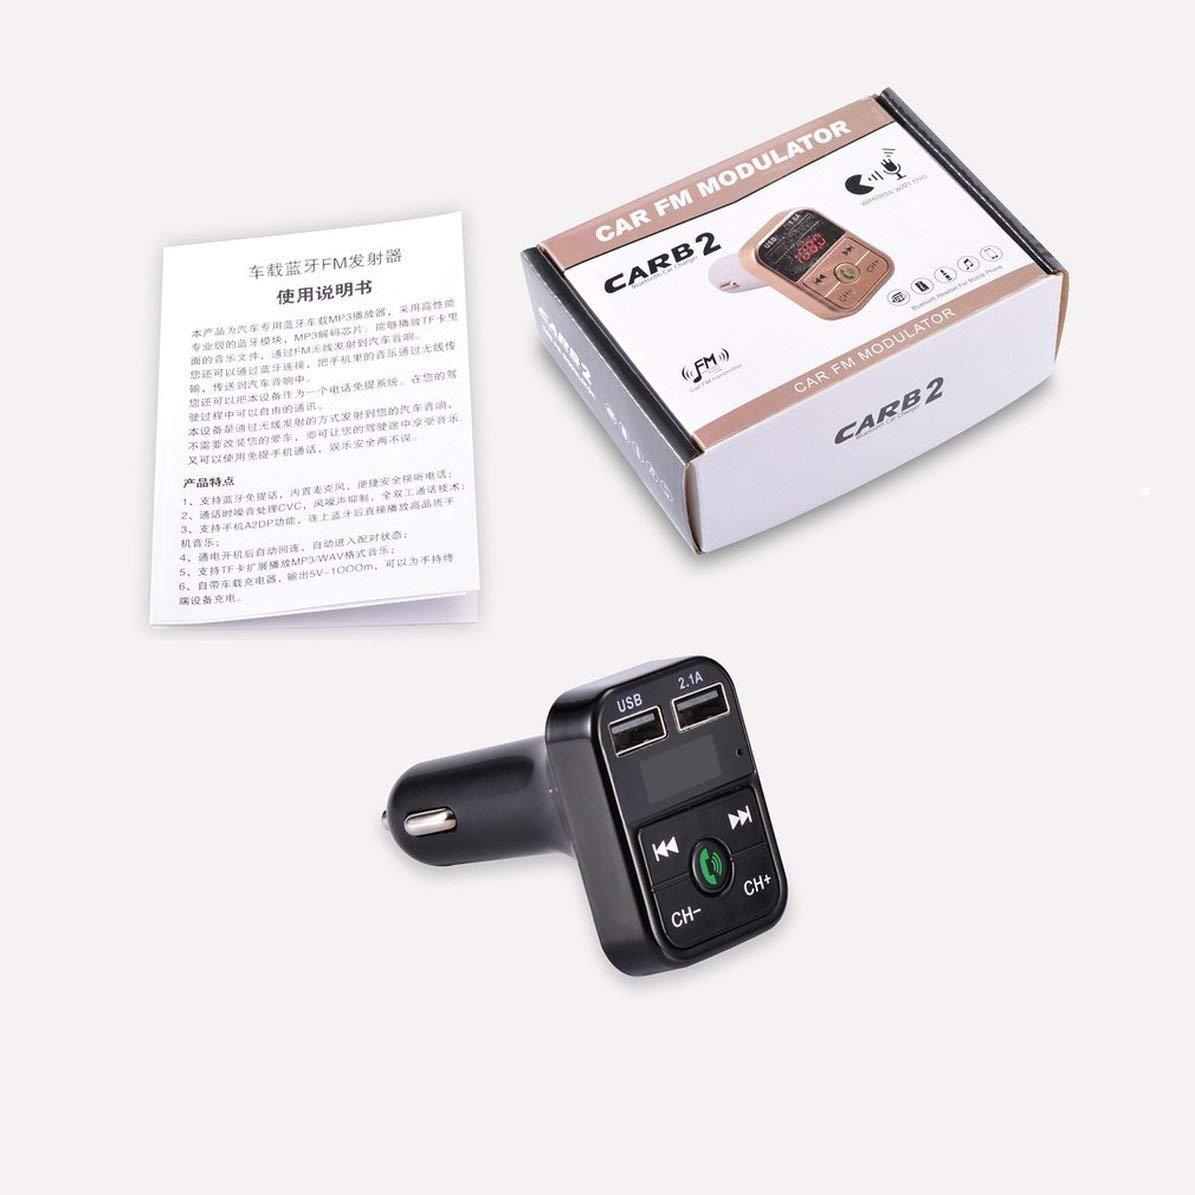 Corneliaa-ES Kit de Coche USB Transmisor FM Adaptador de Radio inal/ámbrico Cargador Reproductor de MP3